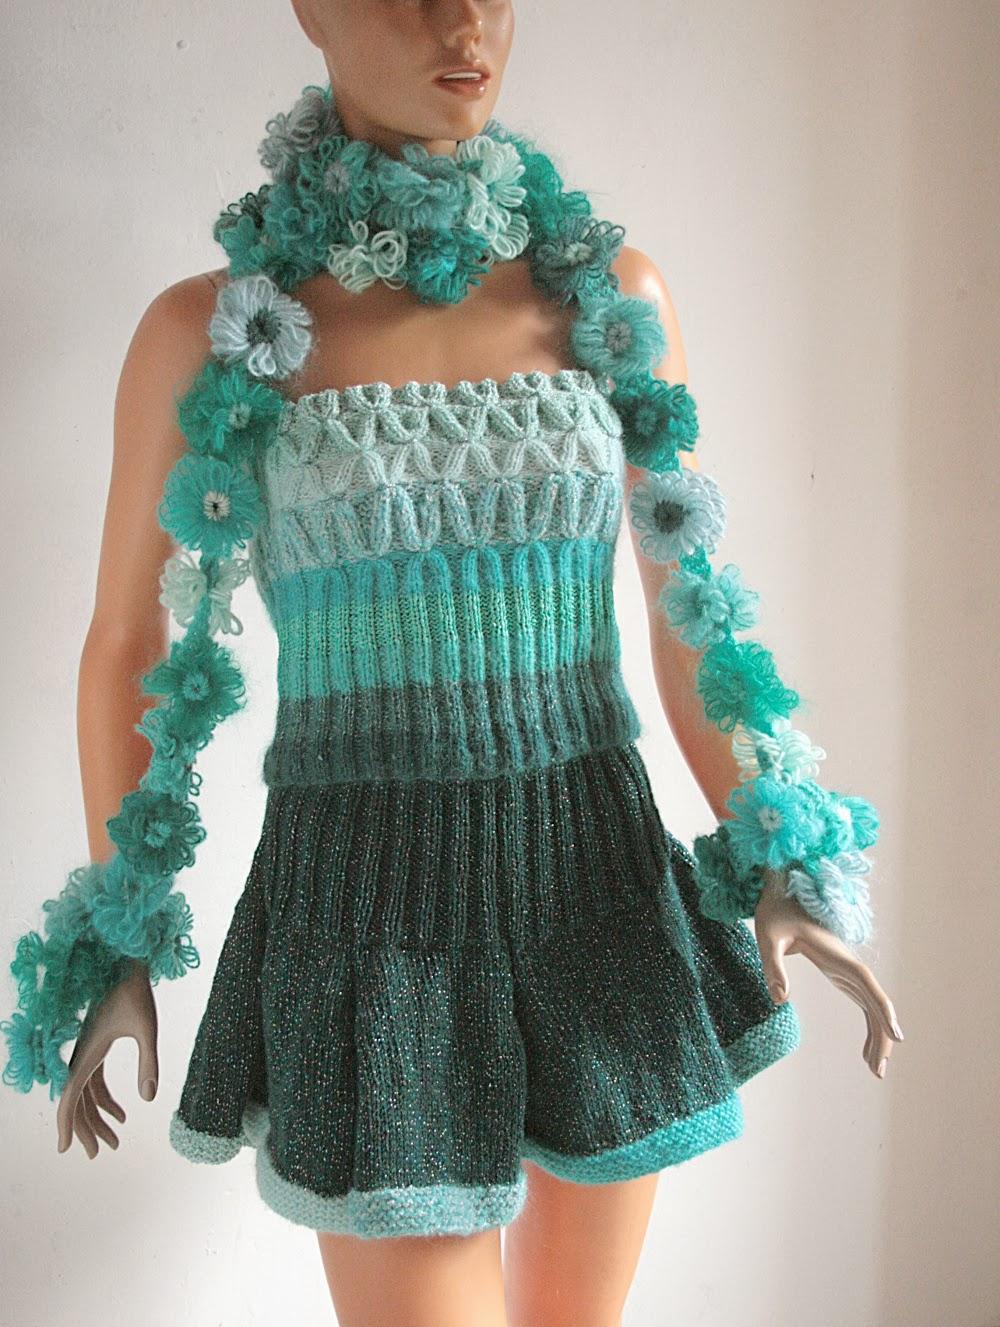 tricot fait main ensemble mode femme vert chic au tricot fait main et accessoire de mode fleurs. Black Bedroom Furniture Sets. Home Design Ideas